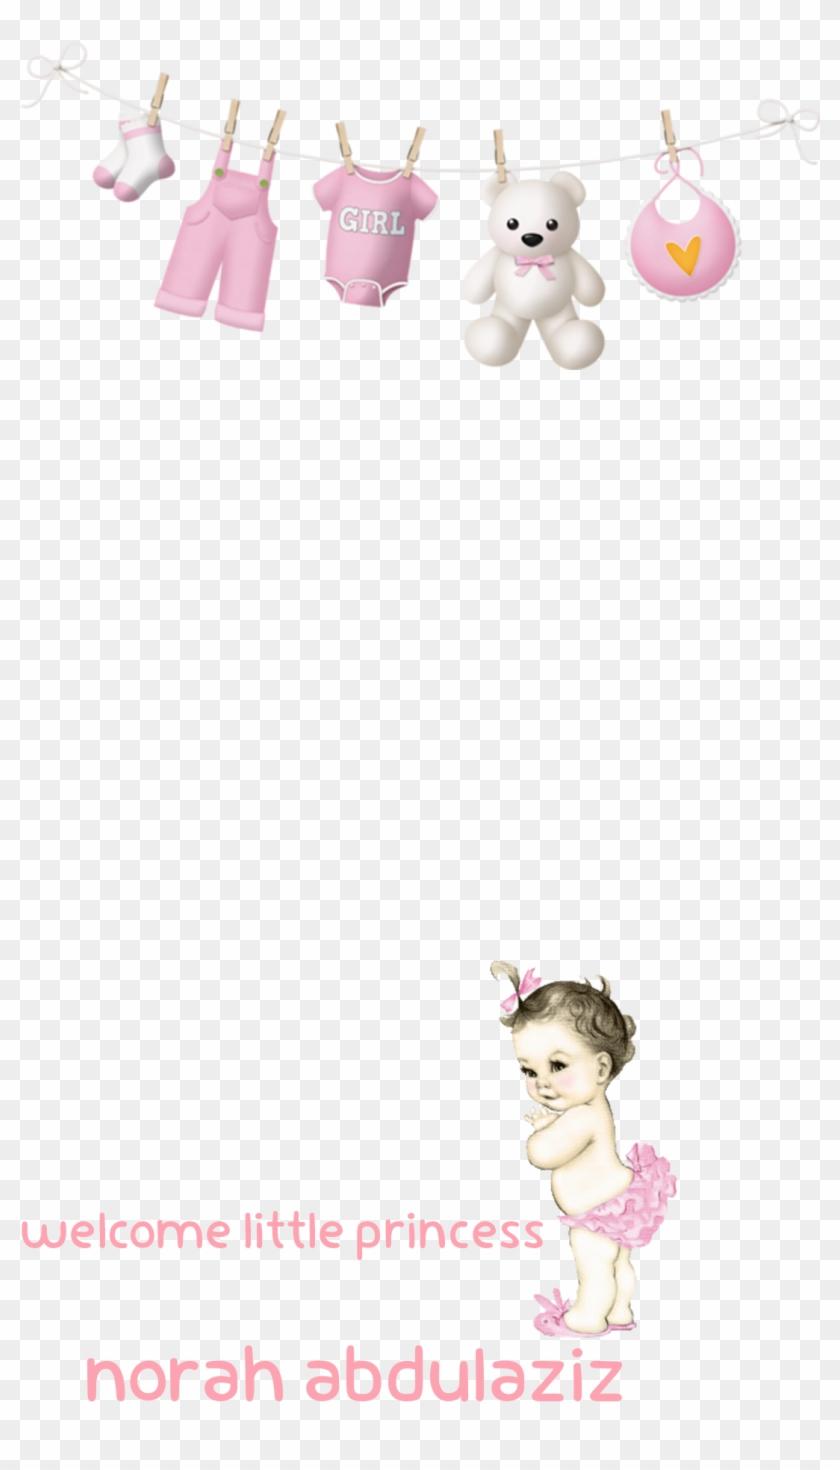 طلبات تصميم الثي م الحفل عليك والثيم علينا فلتر سناب مواليد بنات Png Free Transparent Png Clipart Images Download